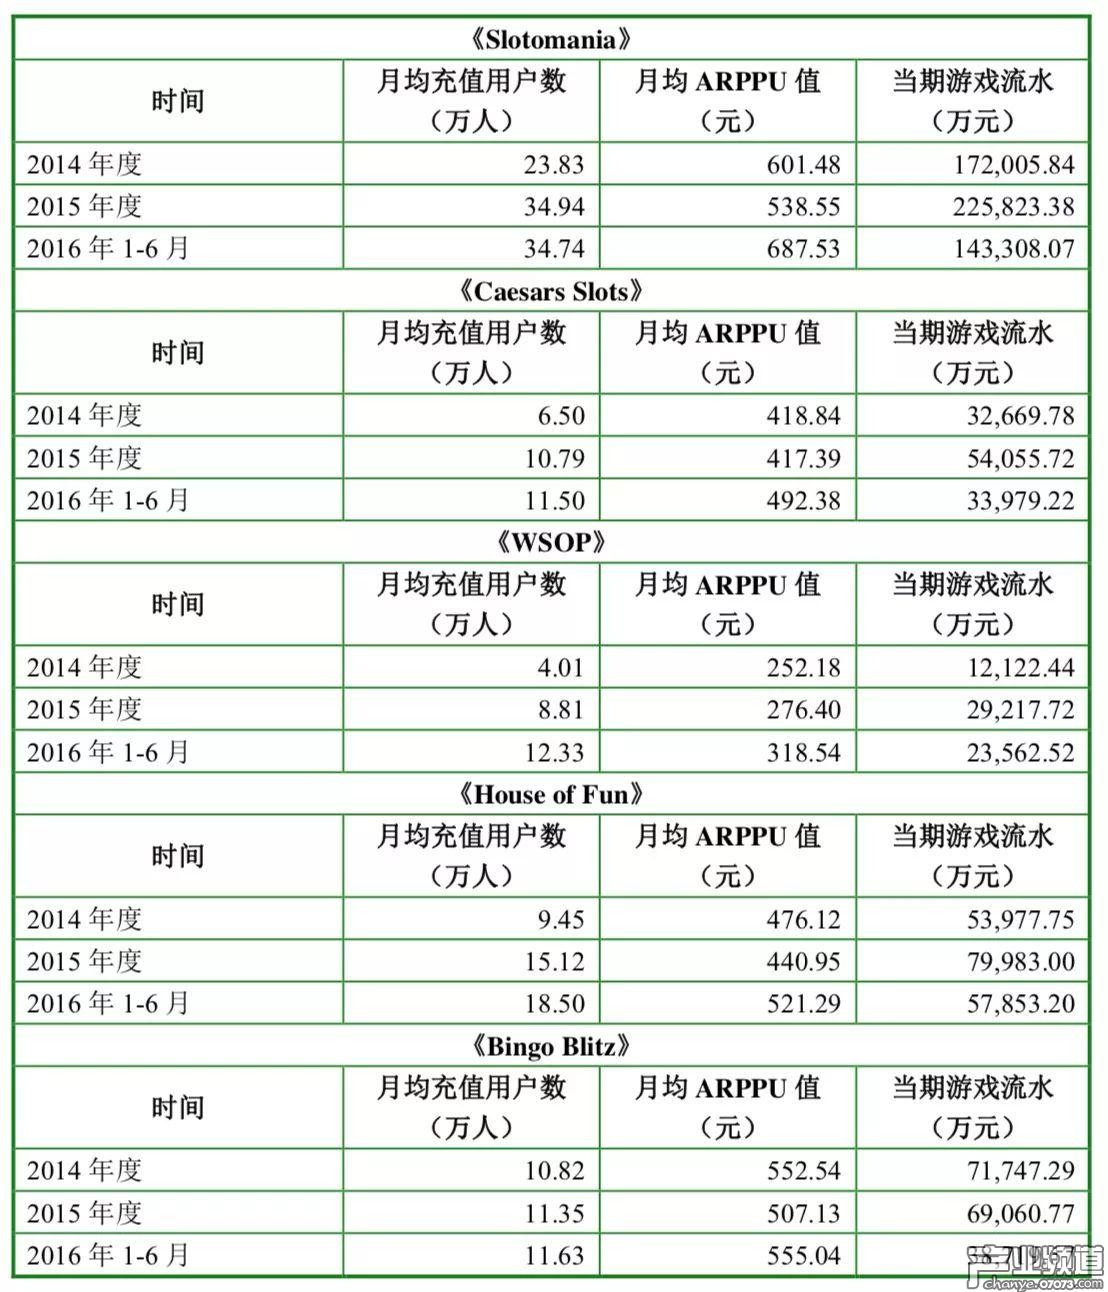 棋牌游戏《Slotomania》月均充值人数近35万,6个月流水达14亿